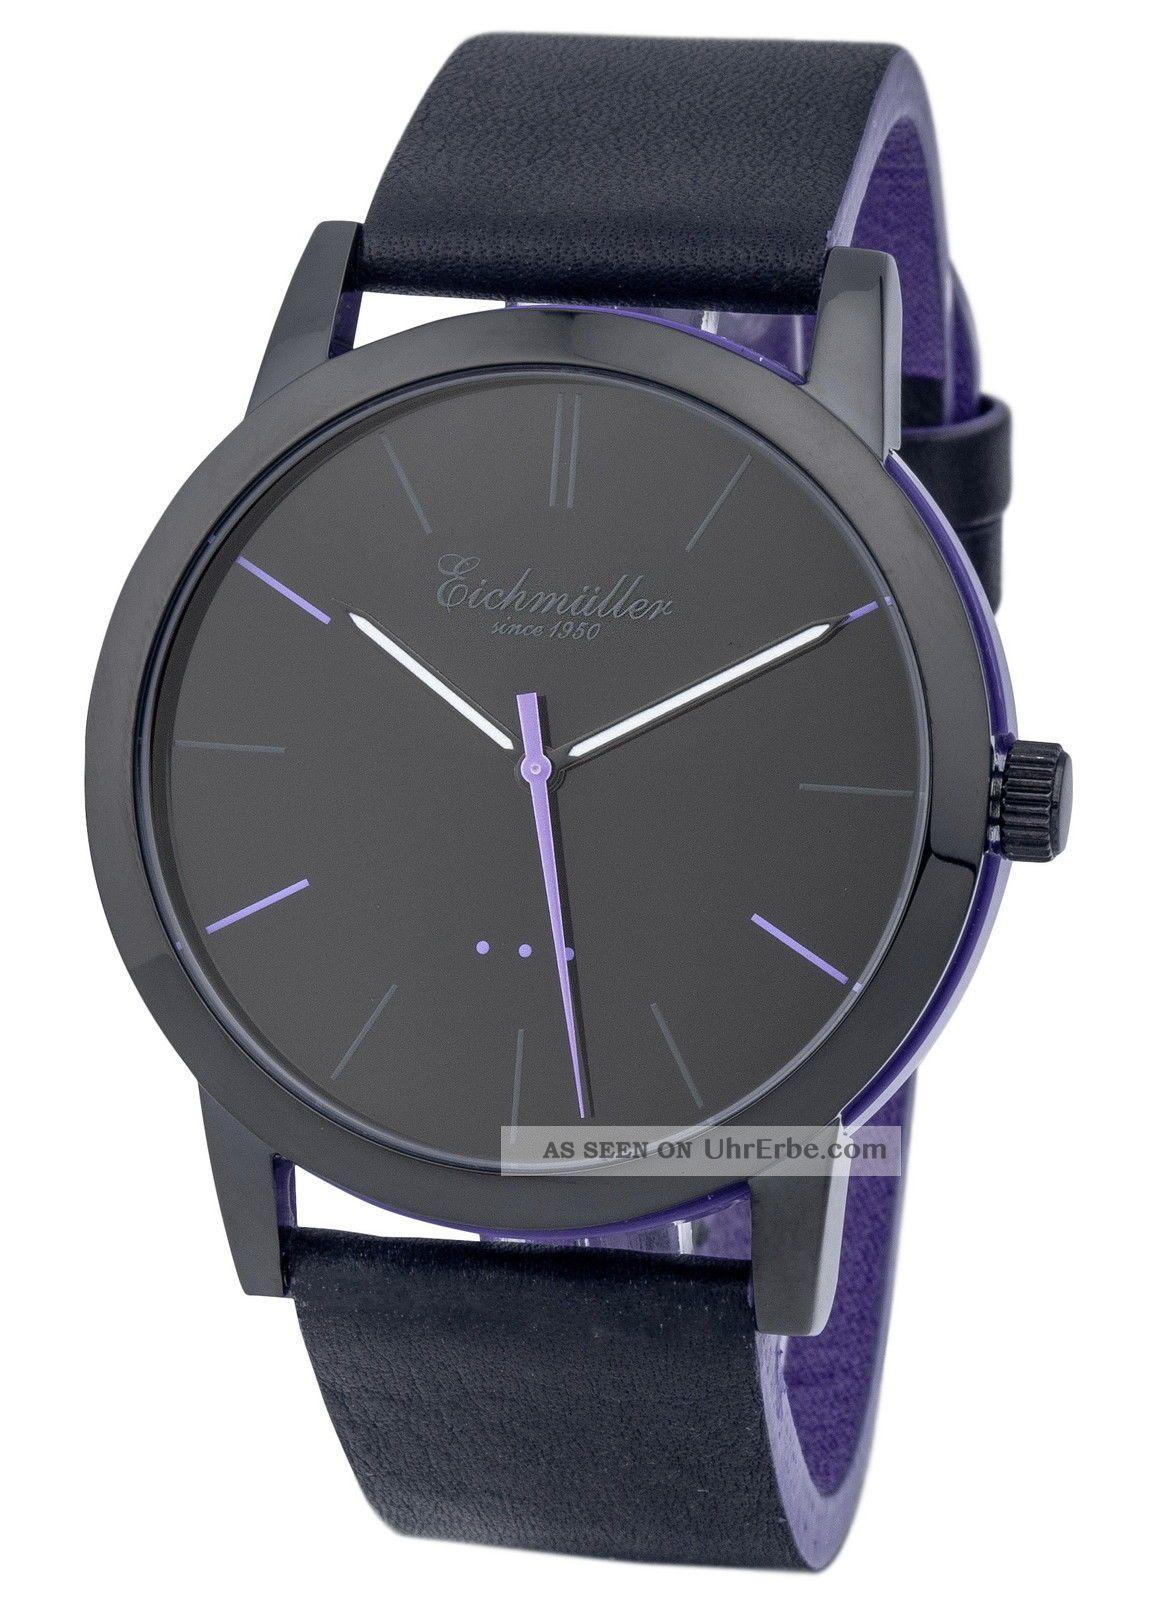 Modische EichmÜller 2 - Farben Design Uhr 4004 Herrenuhr Damenuhr Watch,  Lila Armbanduhren Bild